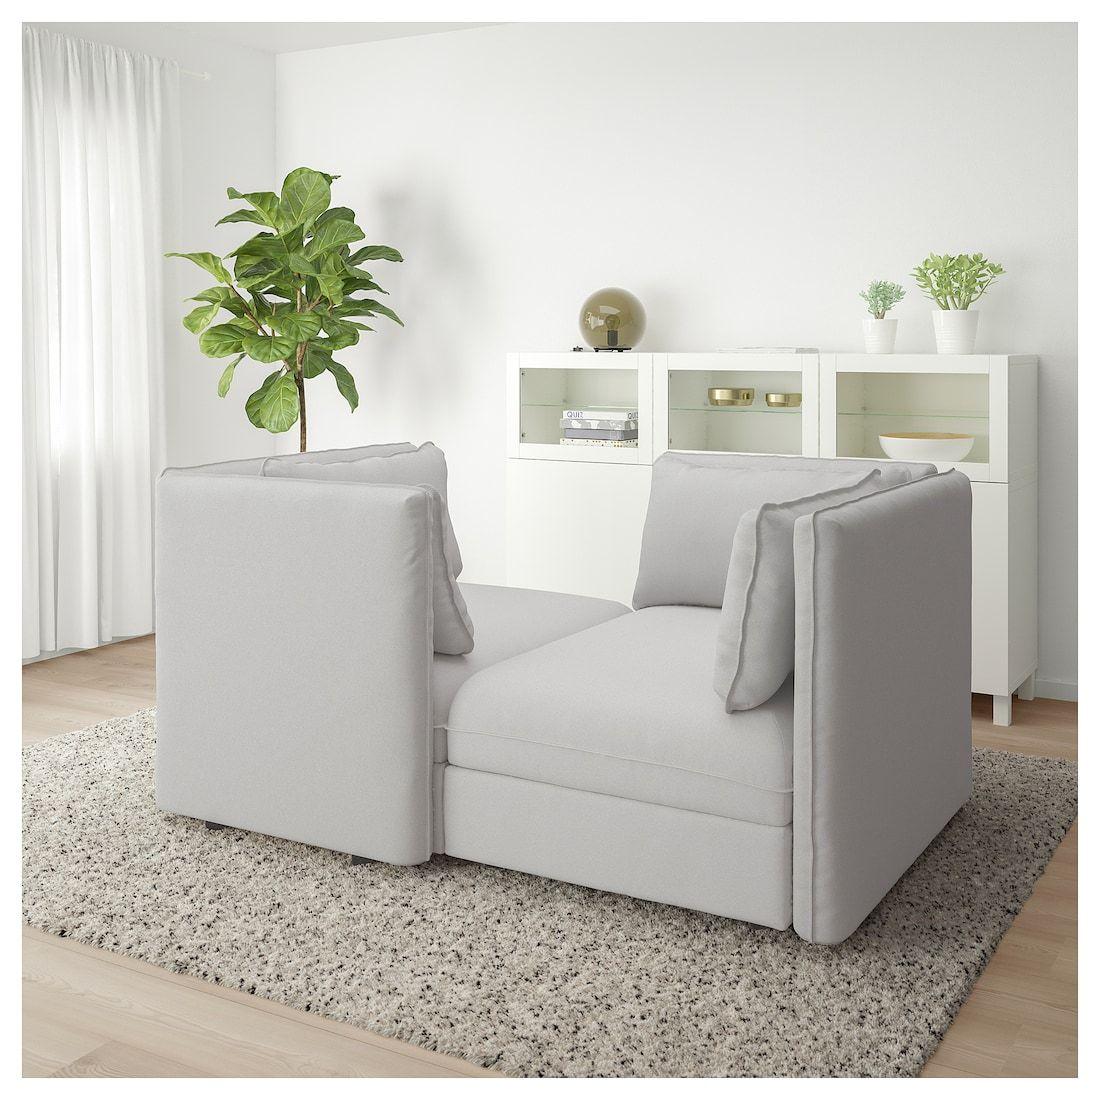 Vallentuna Modular Loveseat Orrsta Light Gray Ikea Vallentuna Love Seat Modular Sofa